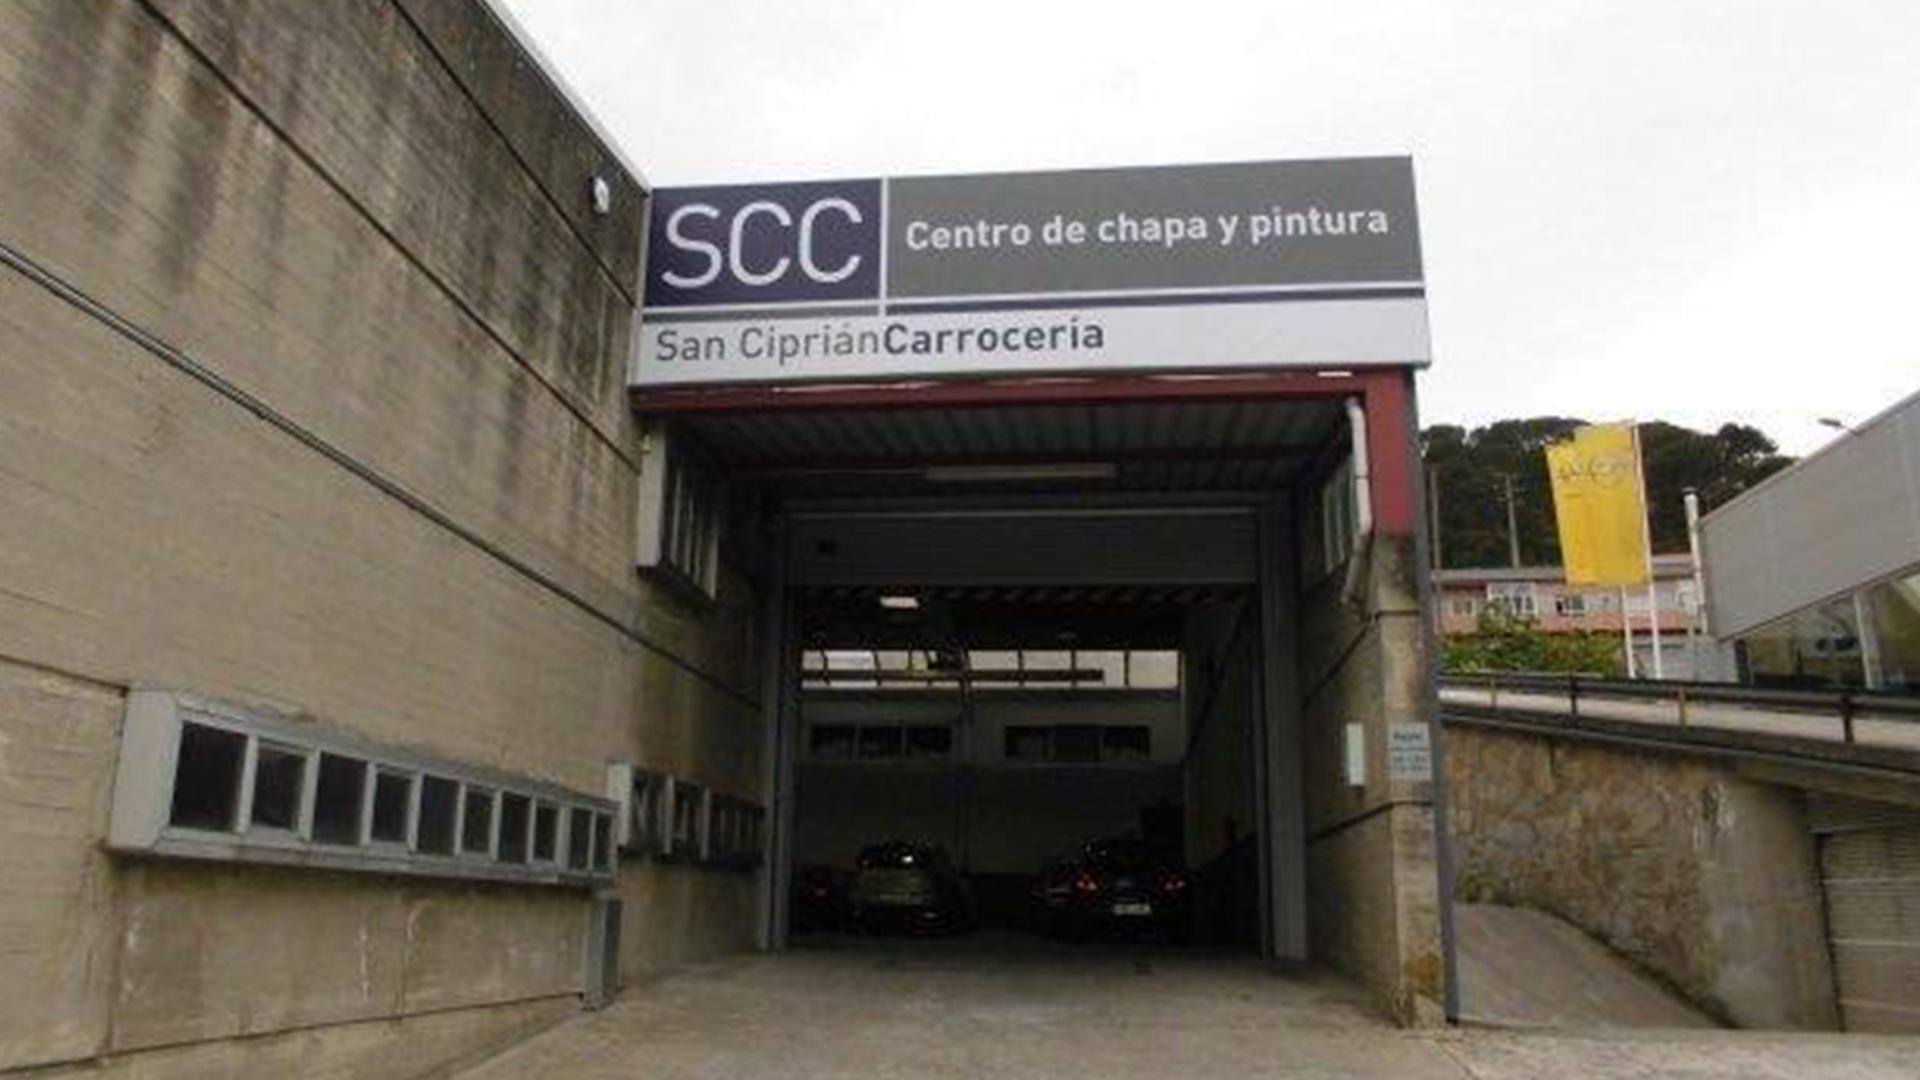 San Ciprián Carrocería (S.C.C.)